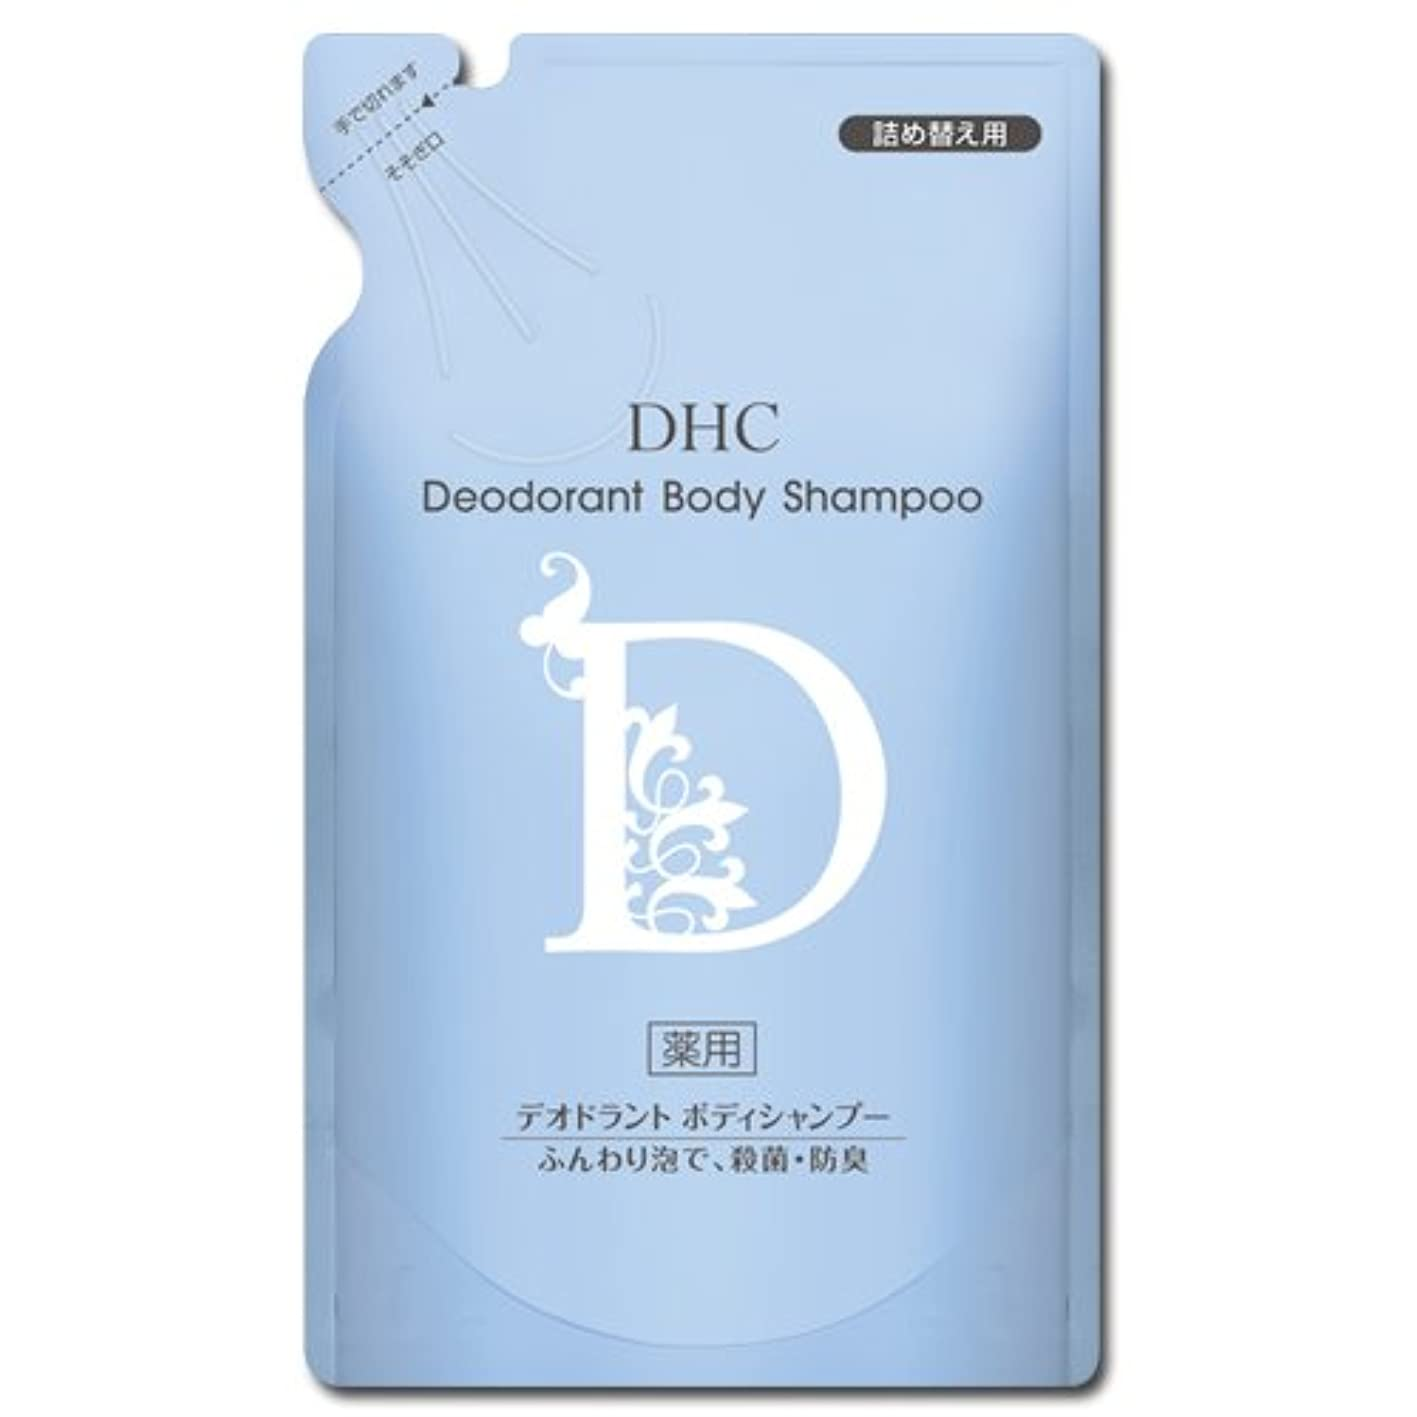 前書きインペリアル見ました【医薬部外品】DHC薬用デオドラント ボディシャンプー 詰め替え用